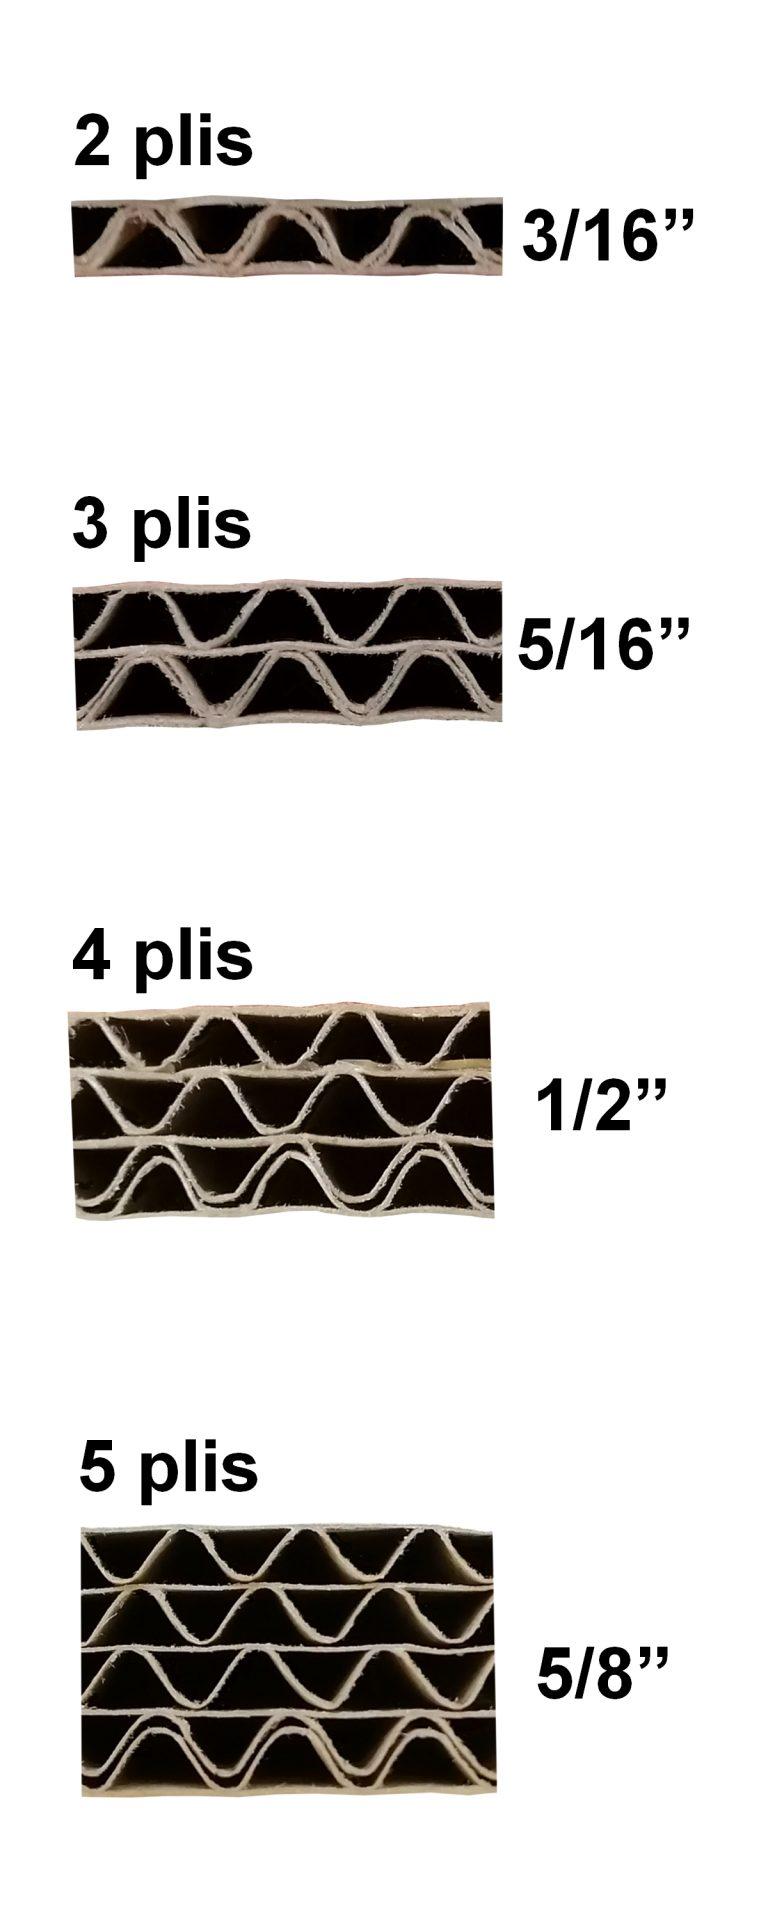 Épaisseurs 2, 3, 4 et 5 plis